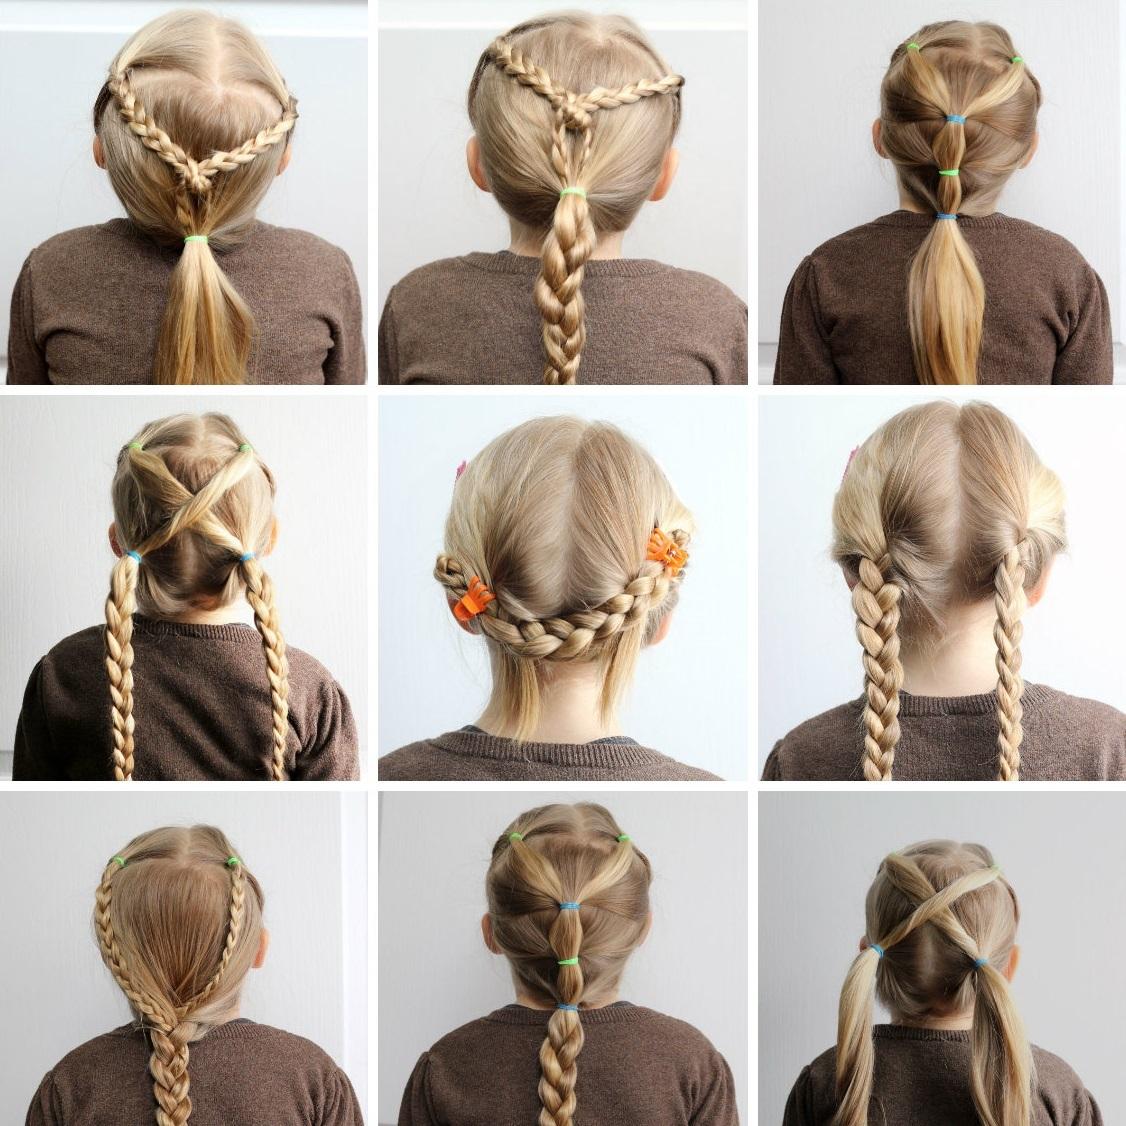 Прически на длинные волосы своими руками пошаговое фото для девочек фото 550